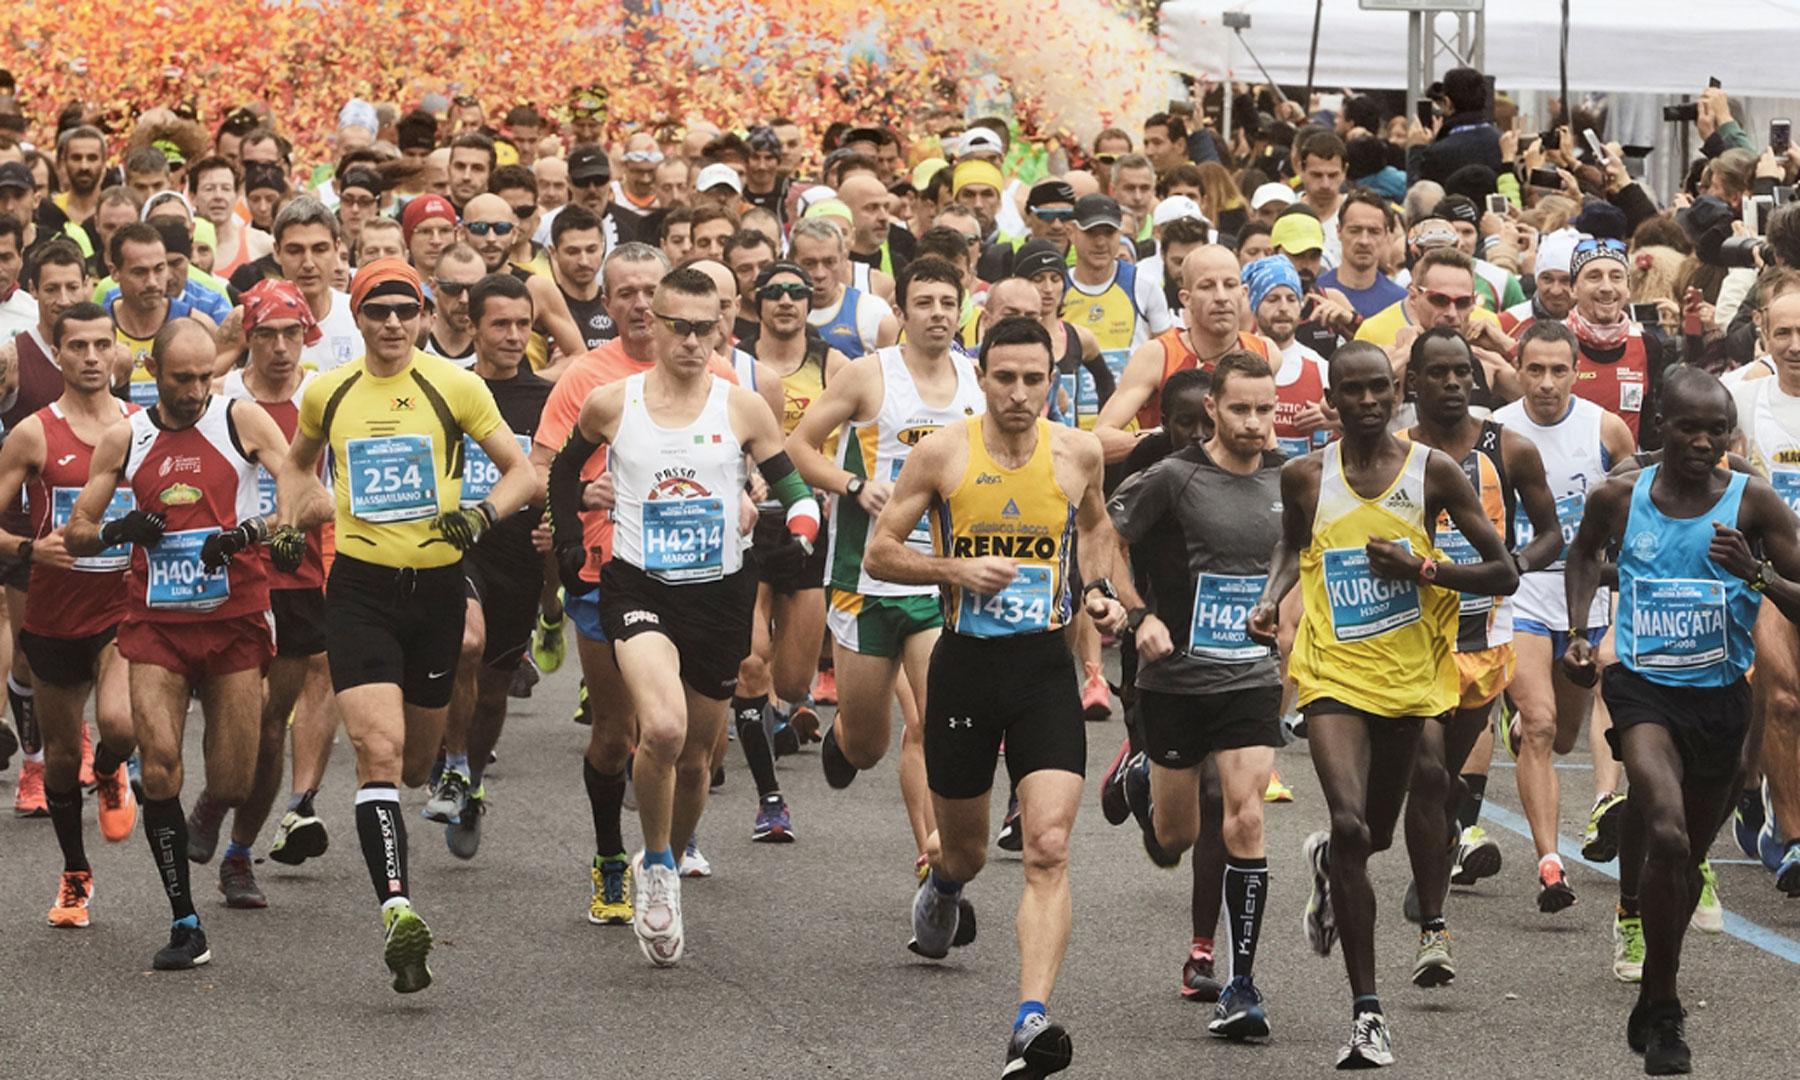 potenza lipidica e maratona